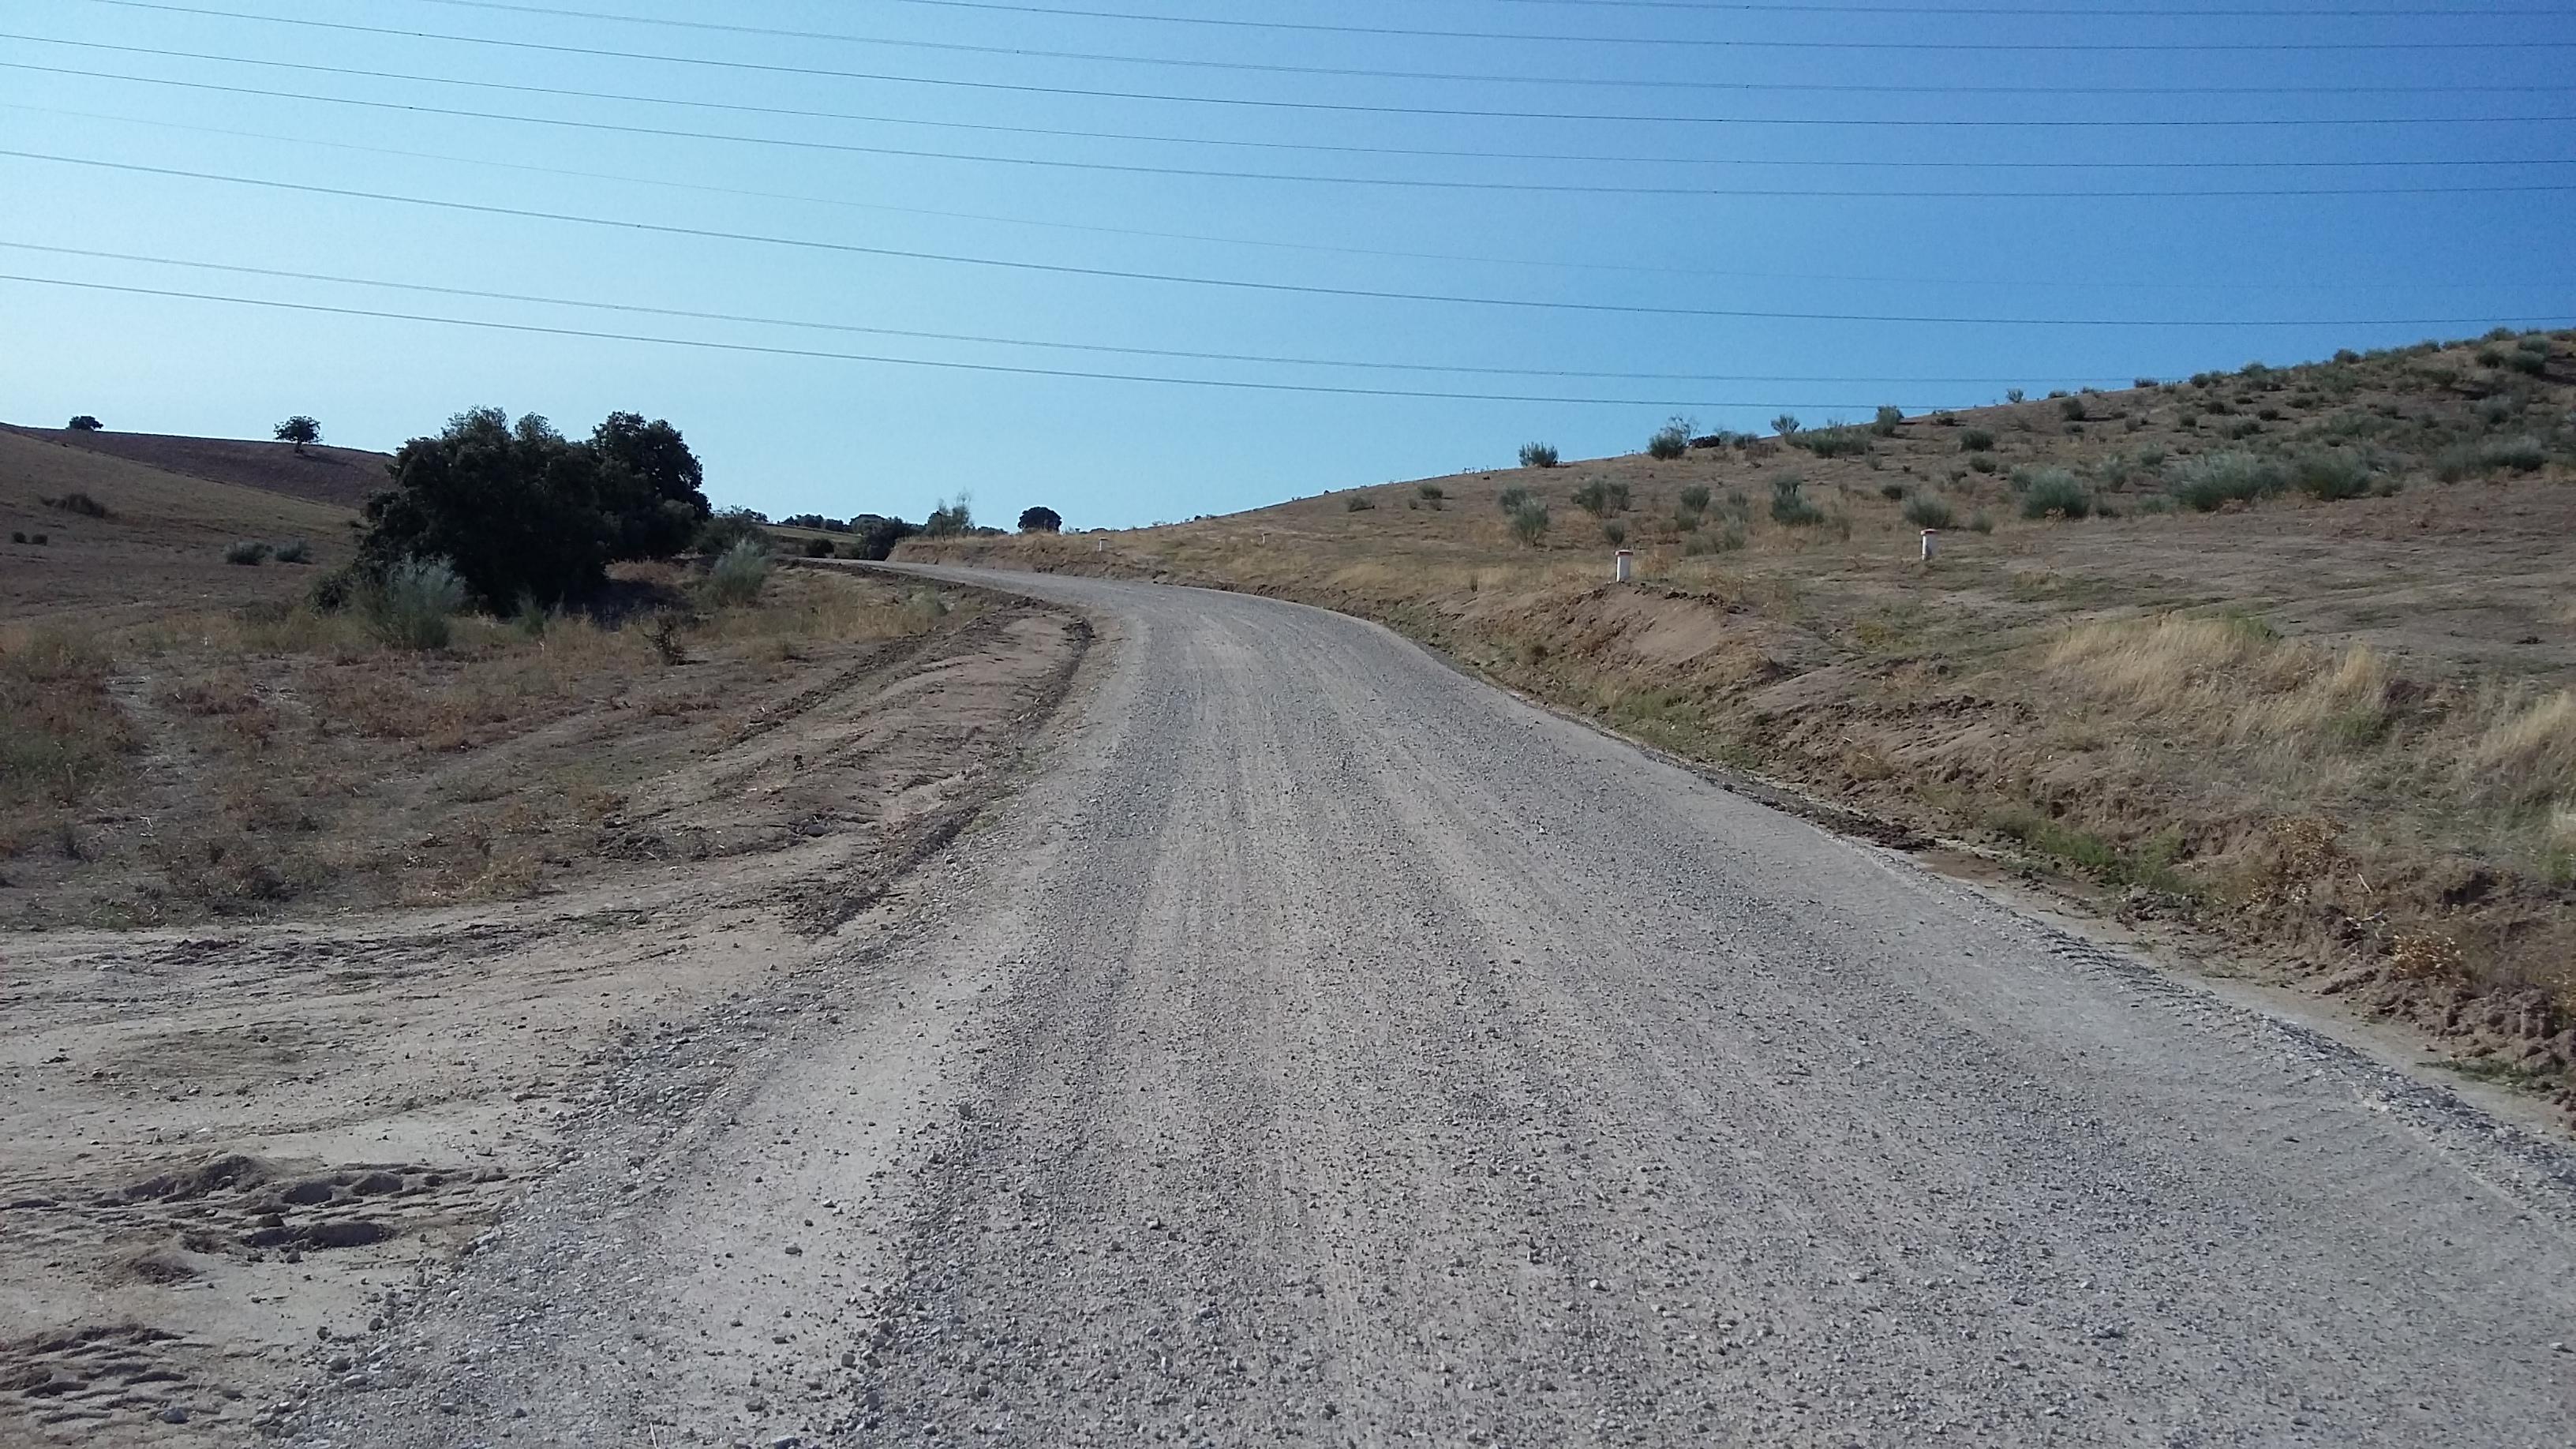 Camino rural cañada real segoviana